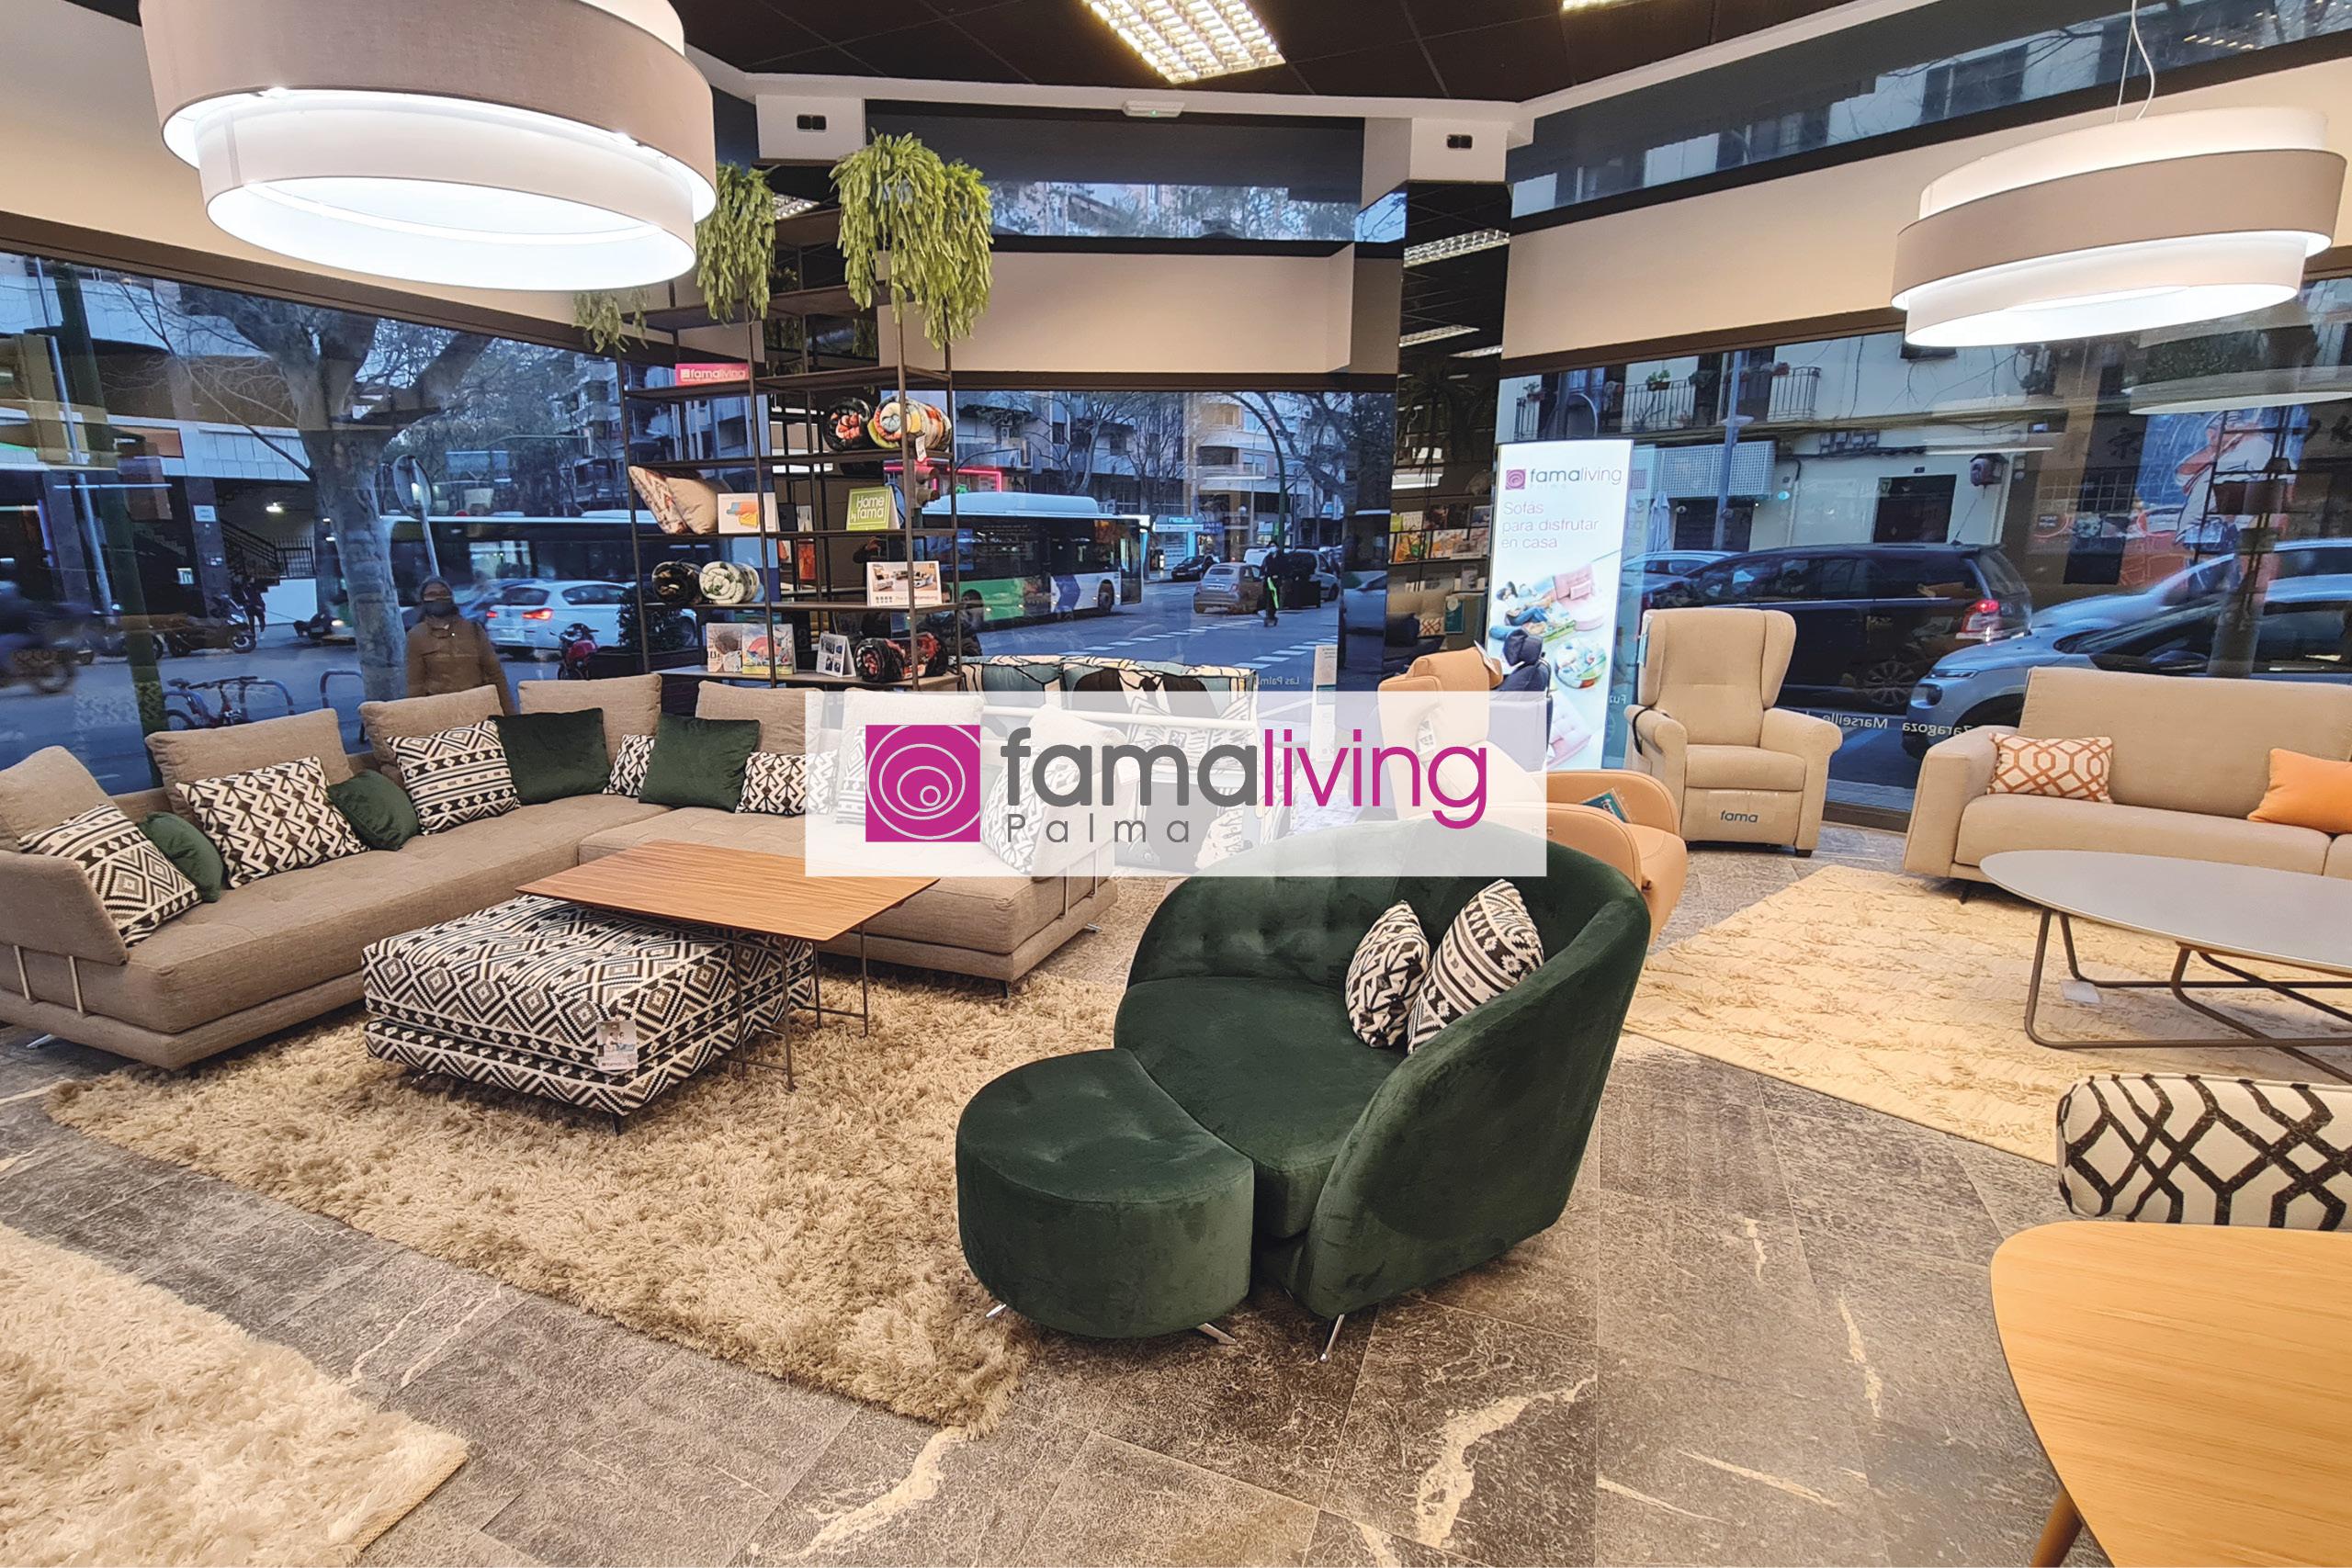 <p>Famaliving Palma | Tienda de Sofás</p>